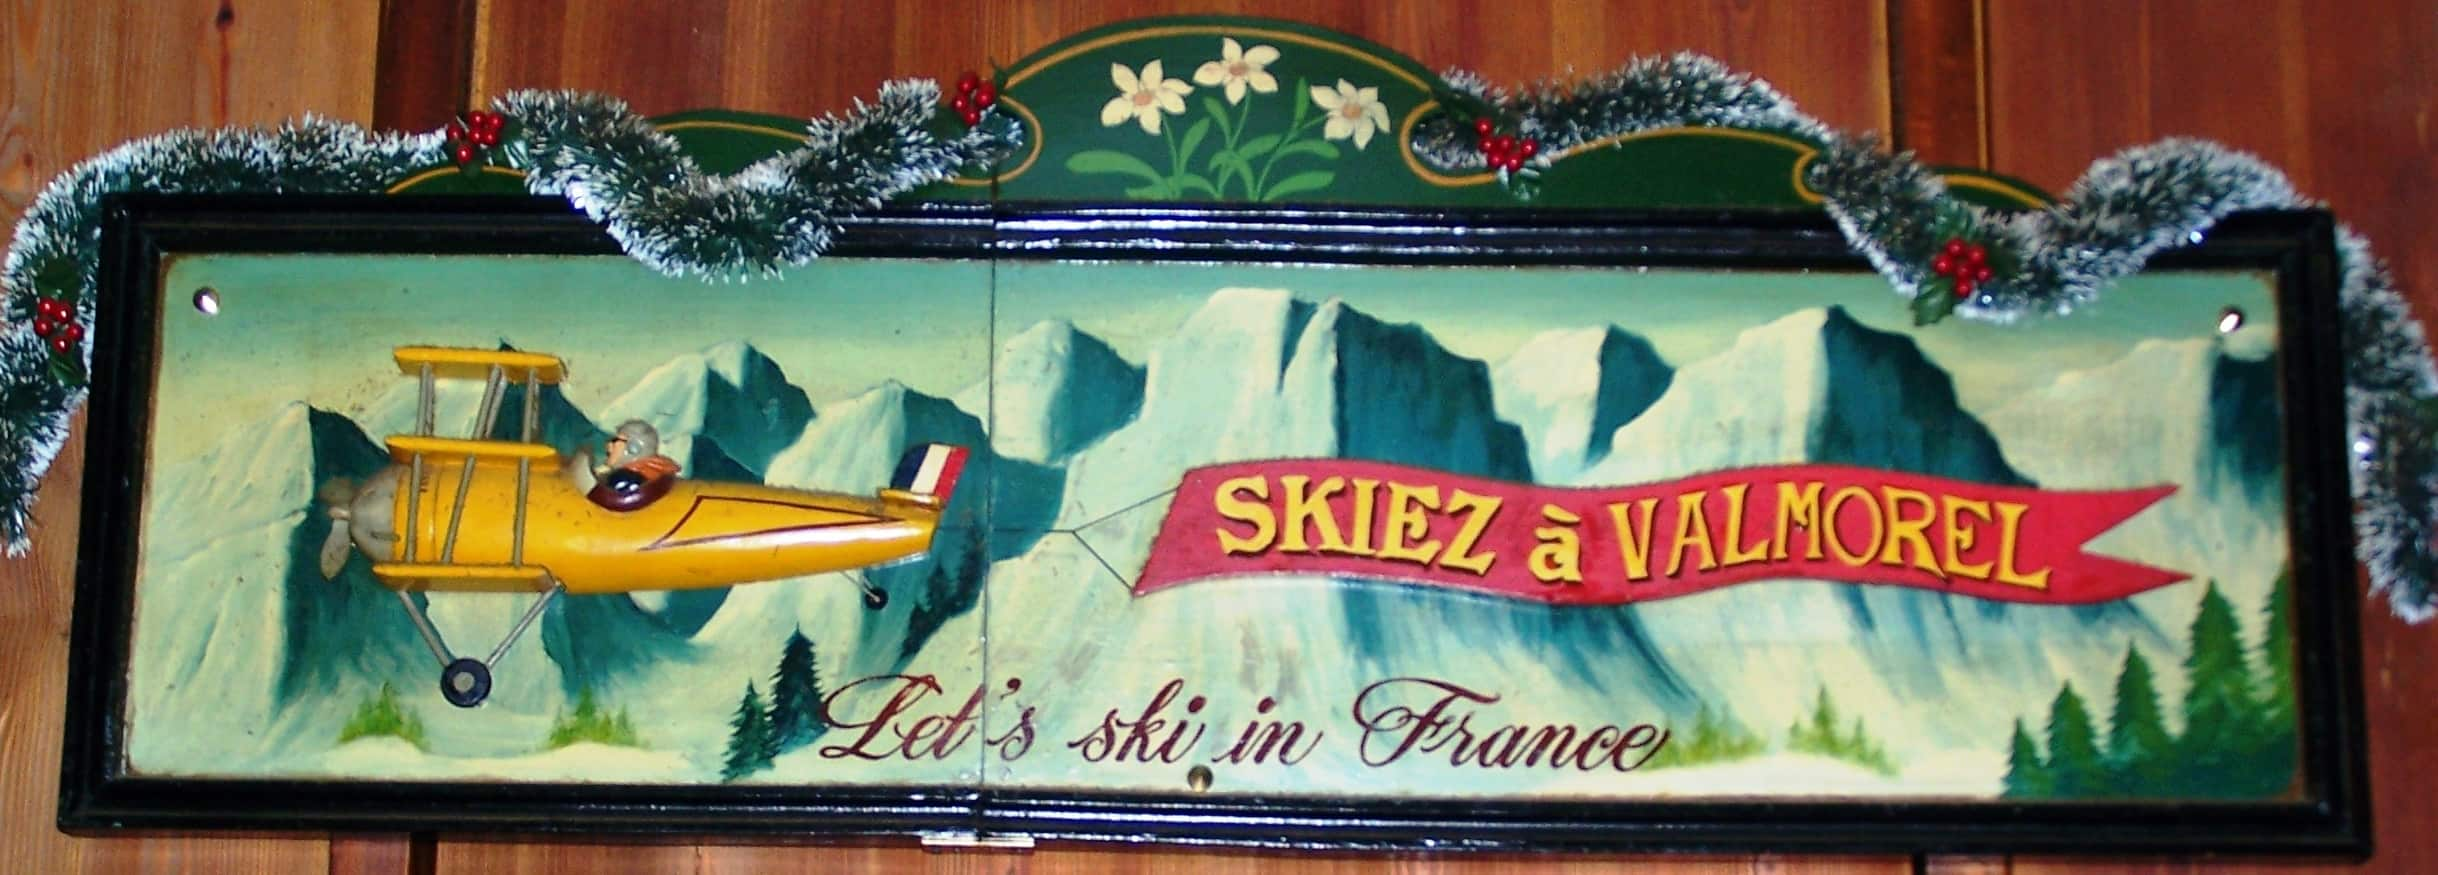 Let's ski in France